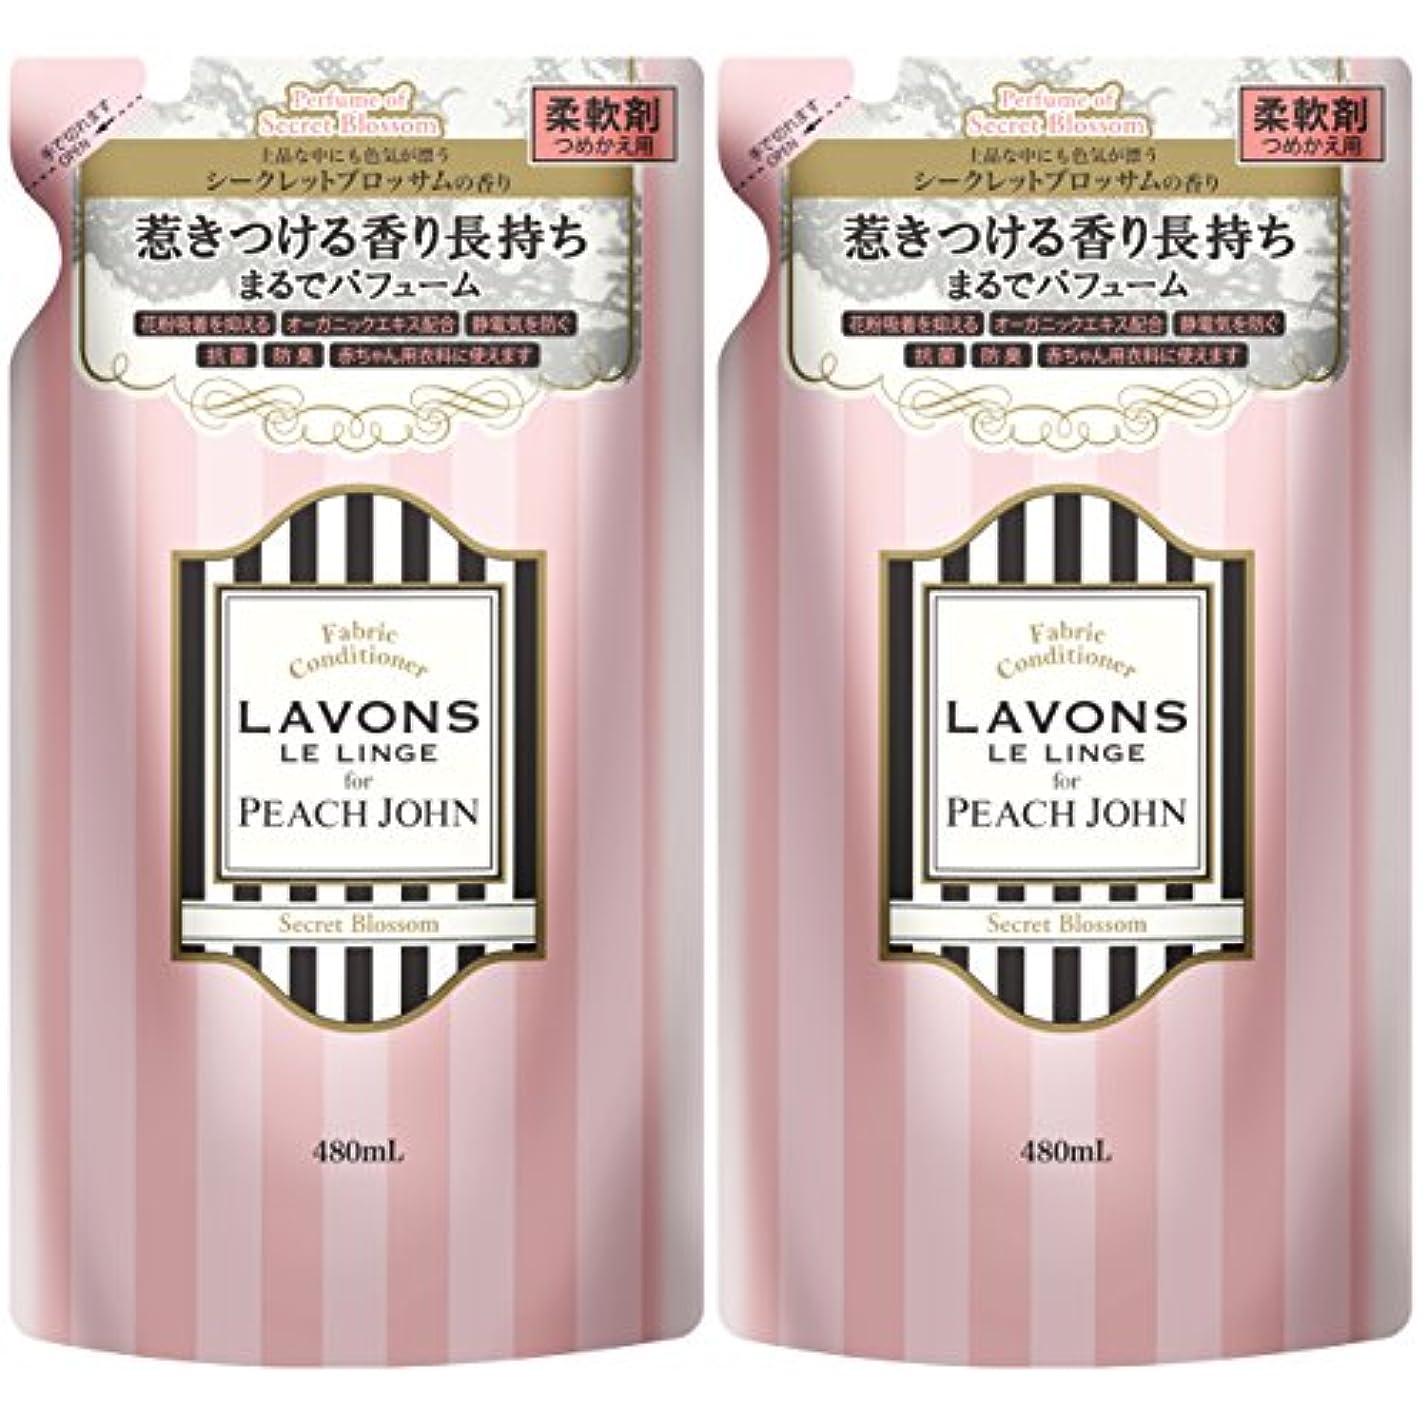 部アブストラクト手つかずのラボン ( Lavons )  柔軟剤 詰替え PJ シークレットブロッサムの香り  2個